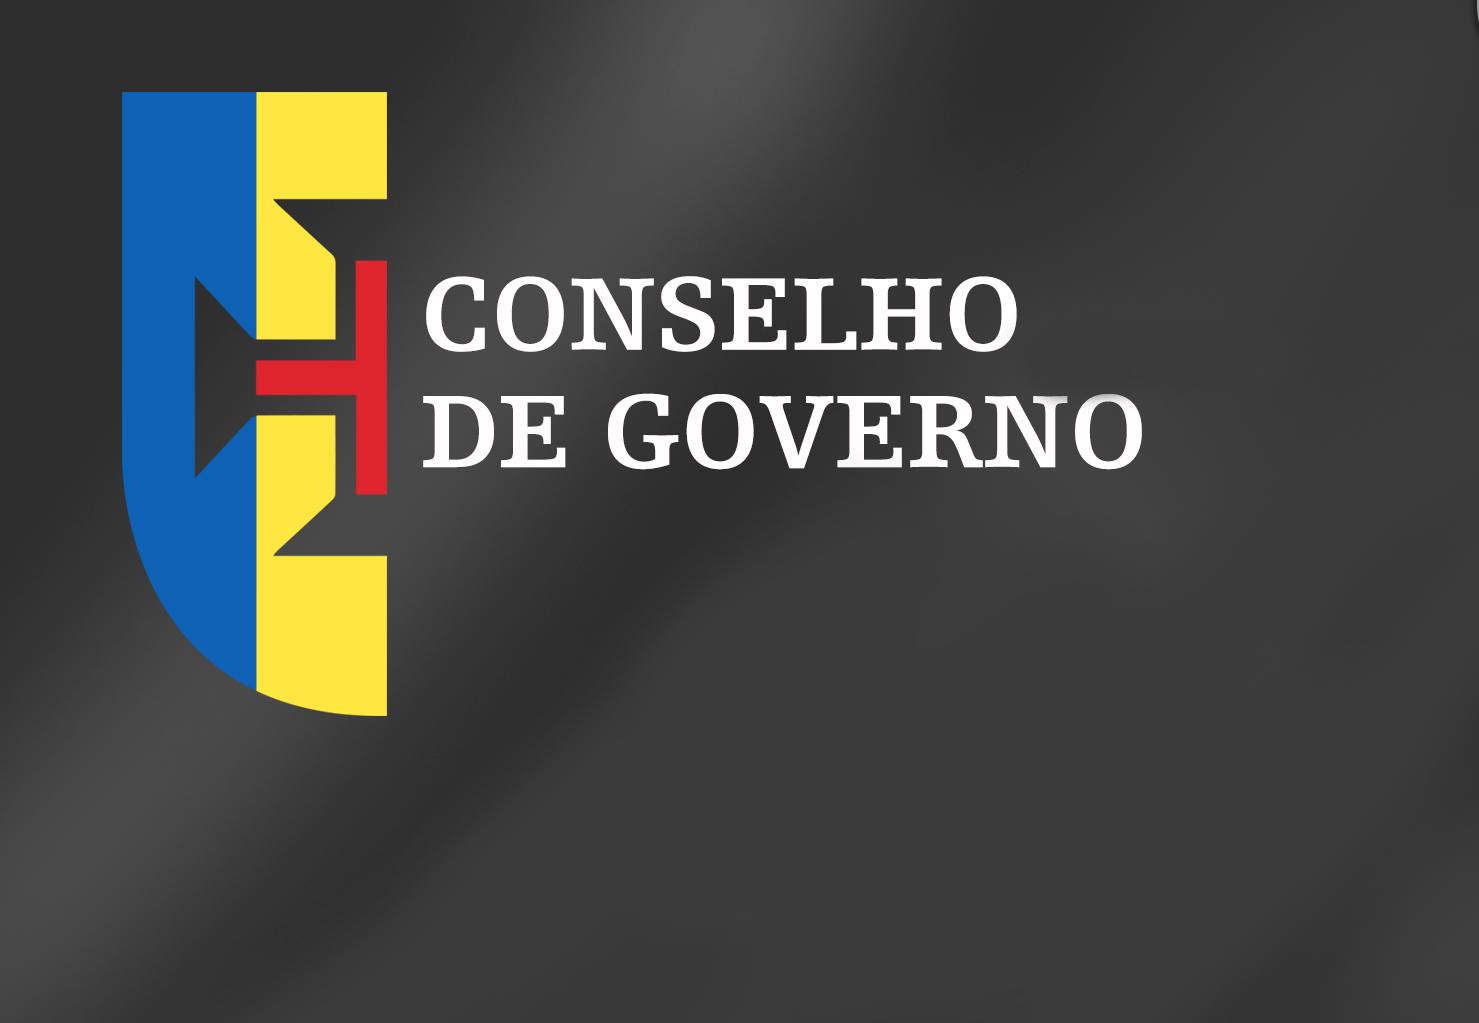 Conclusões Conselho de Governo - 5 de Novembro de 2015